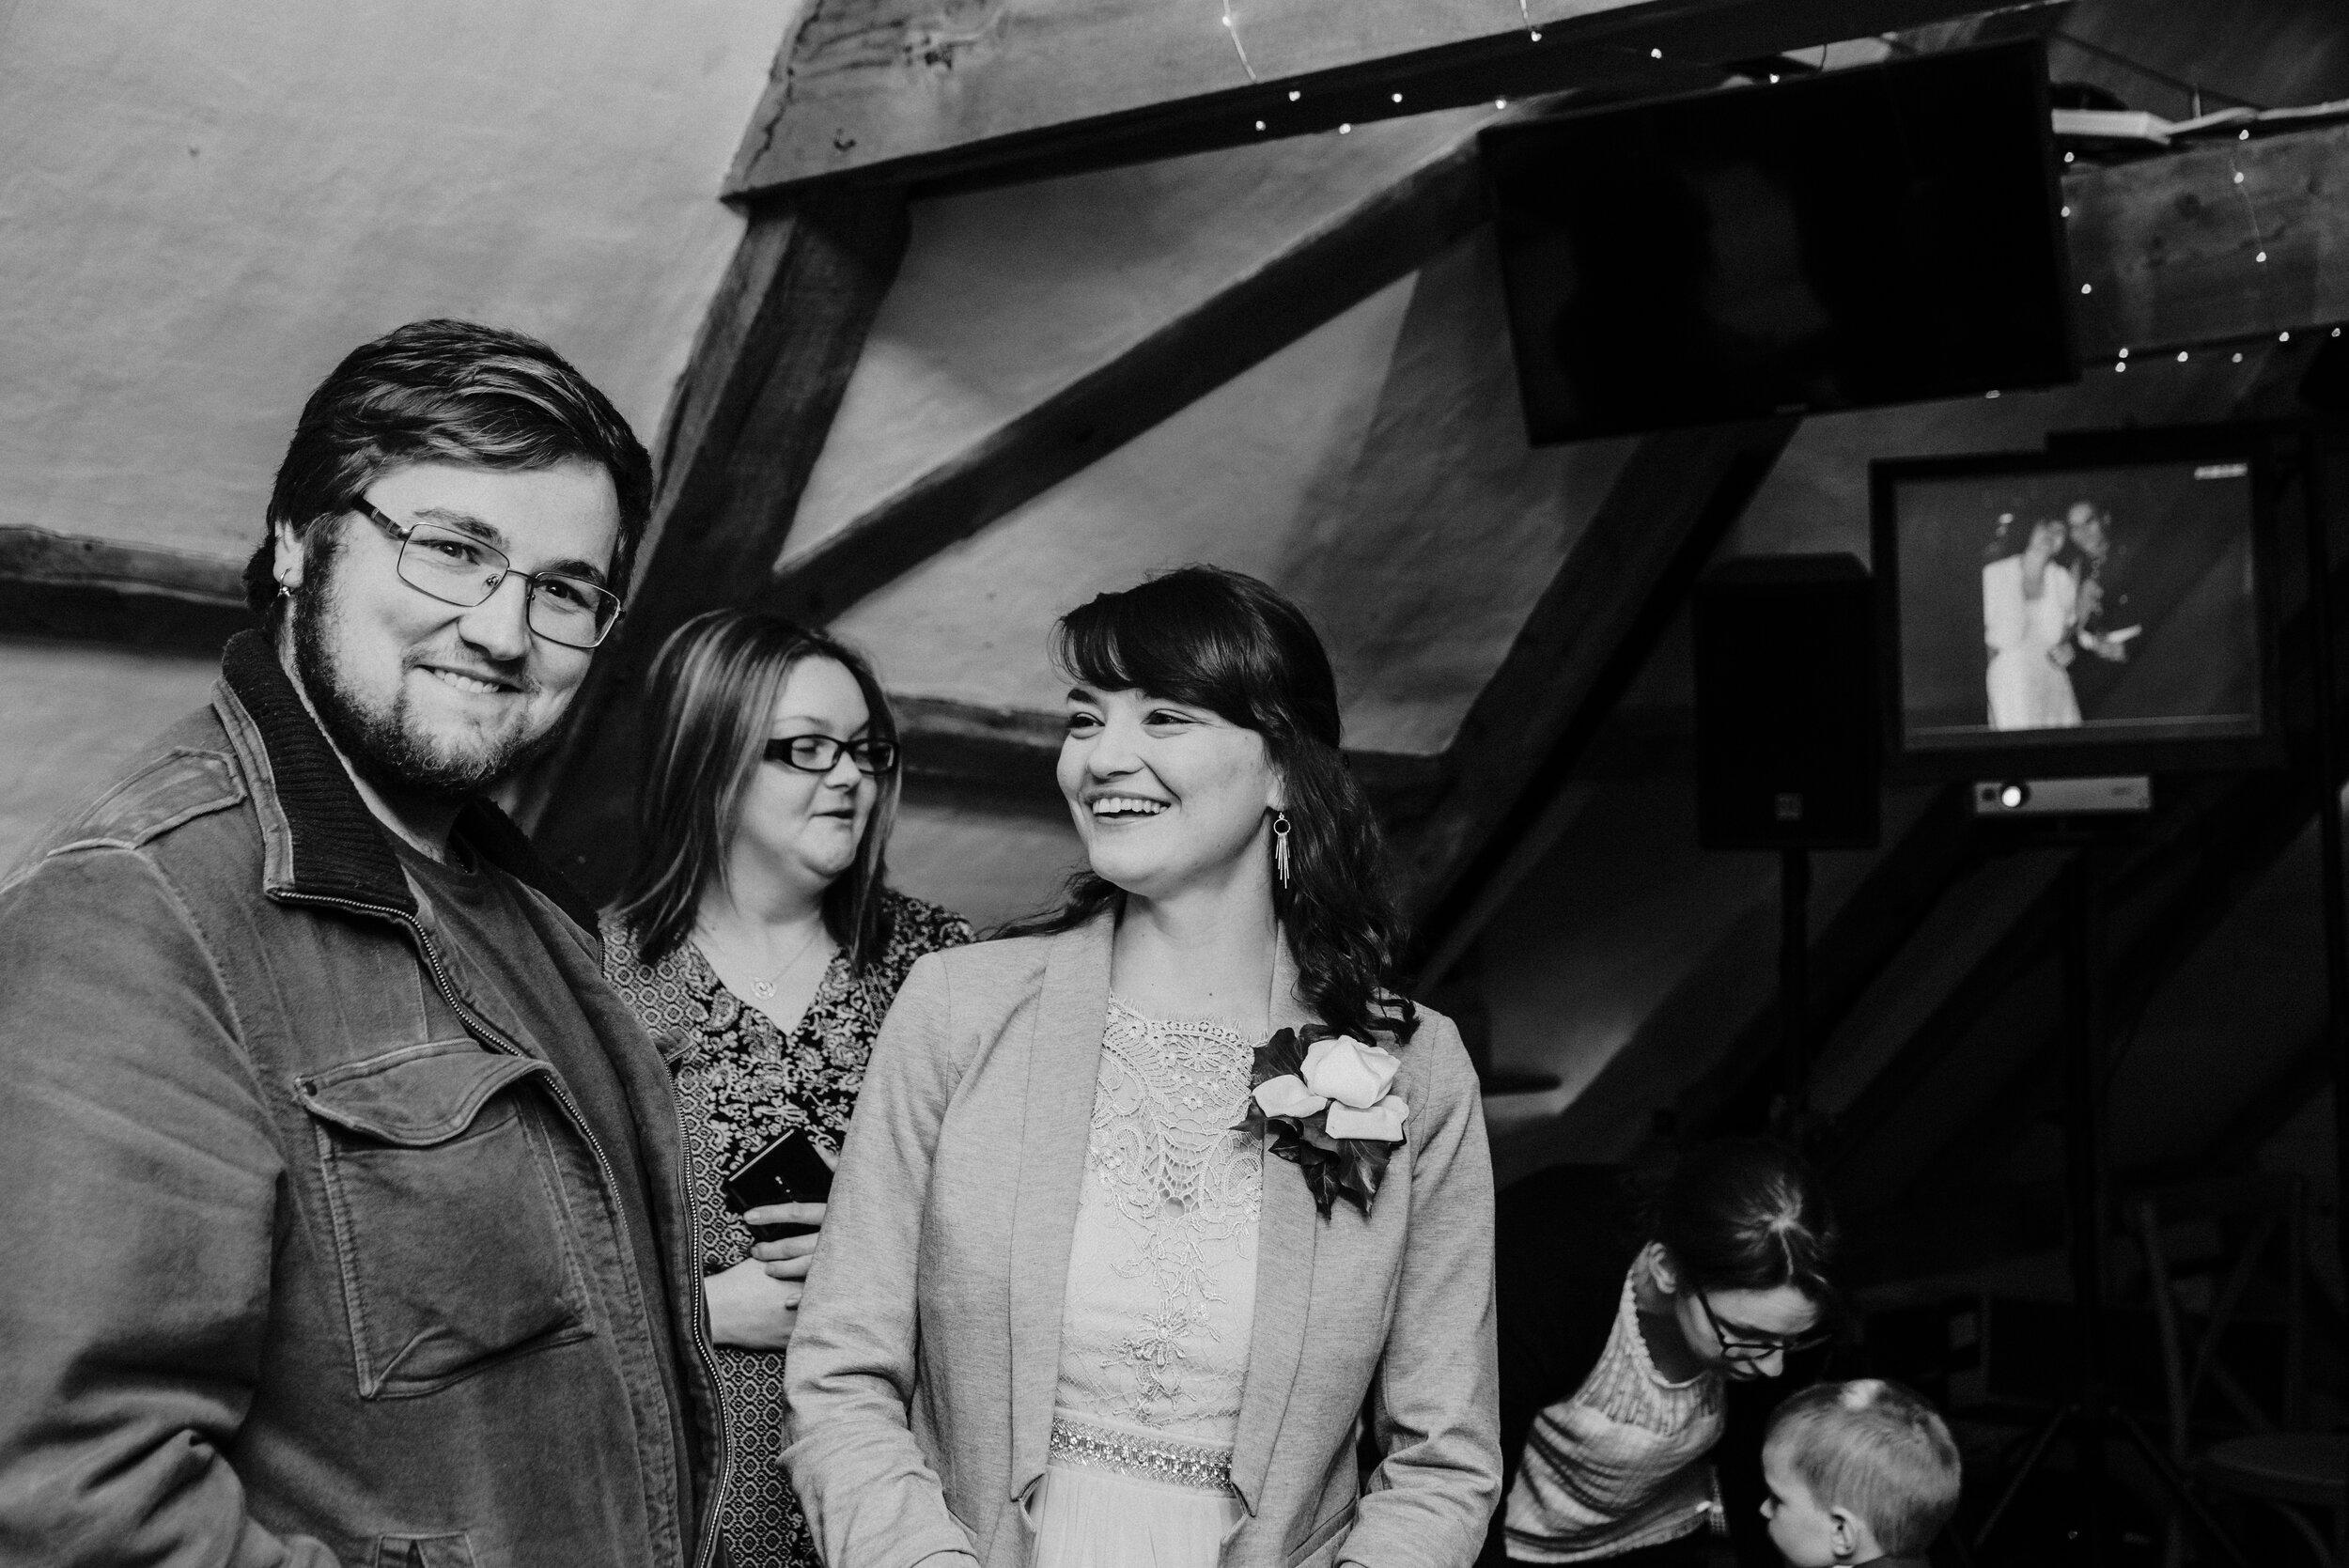 SUFFOLK_WEDDING_PHOTOGRAPHY_ISAACS_WEDDING_VENUE_WEDDINGPHOTOGRAPHERNEARME_iPSWICHWEDDINGPHOTOGRAPHER (83).jpg